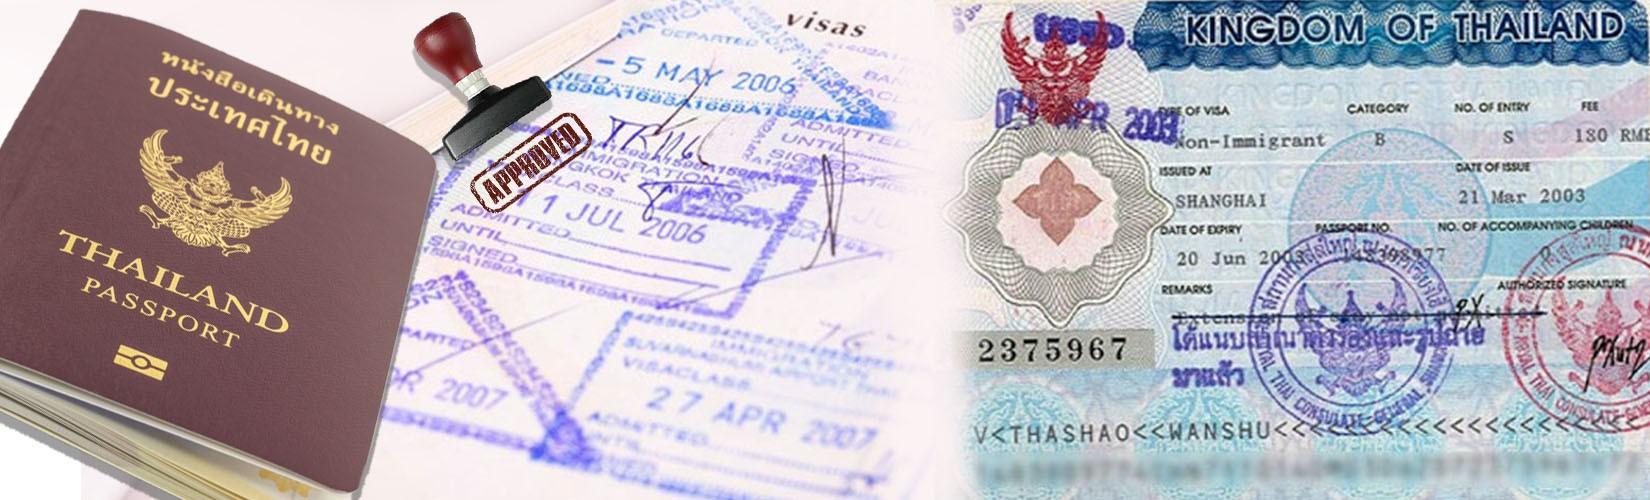 Thailand Travel Info: Complete Thailand Tourist Visa Information